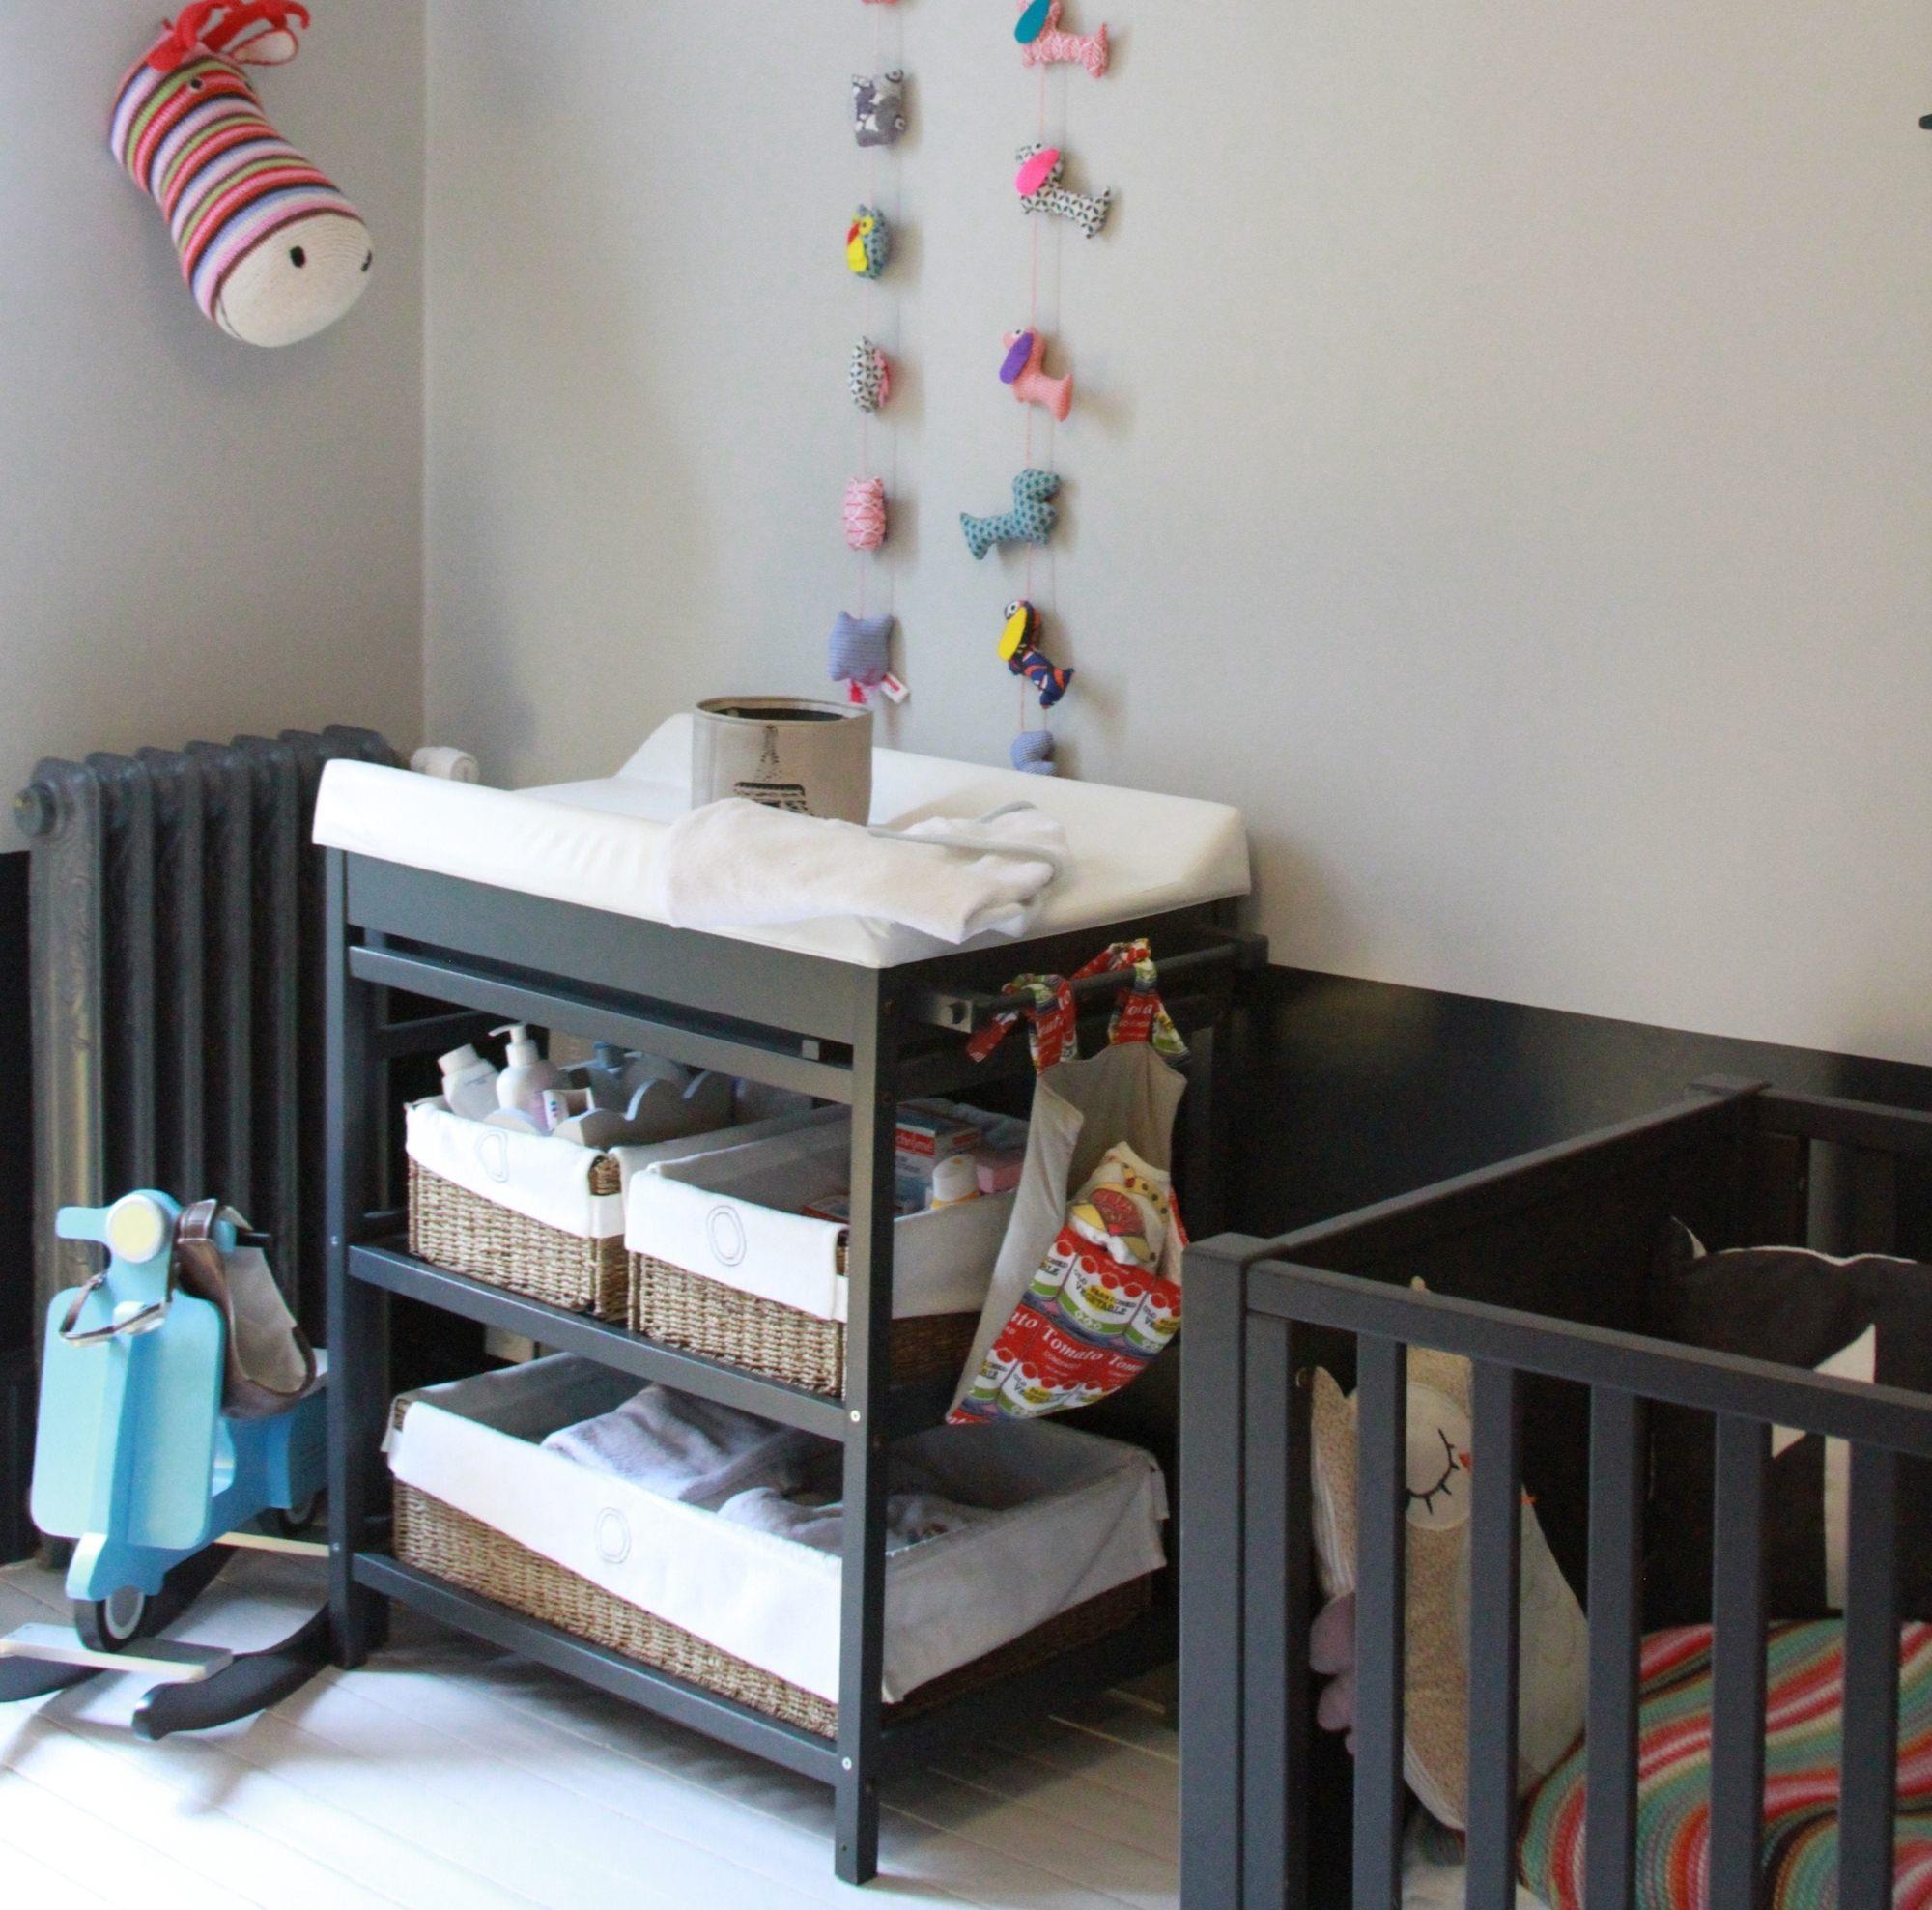 Parure De Lit Bébé De Luxe Bébé Punaise De Lit Chambre Bébé Fille Inspirant Parc B C3 A9b C3 A9